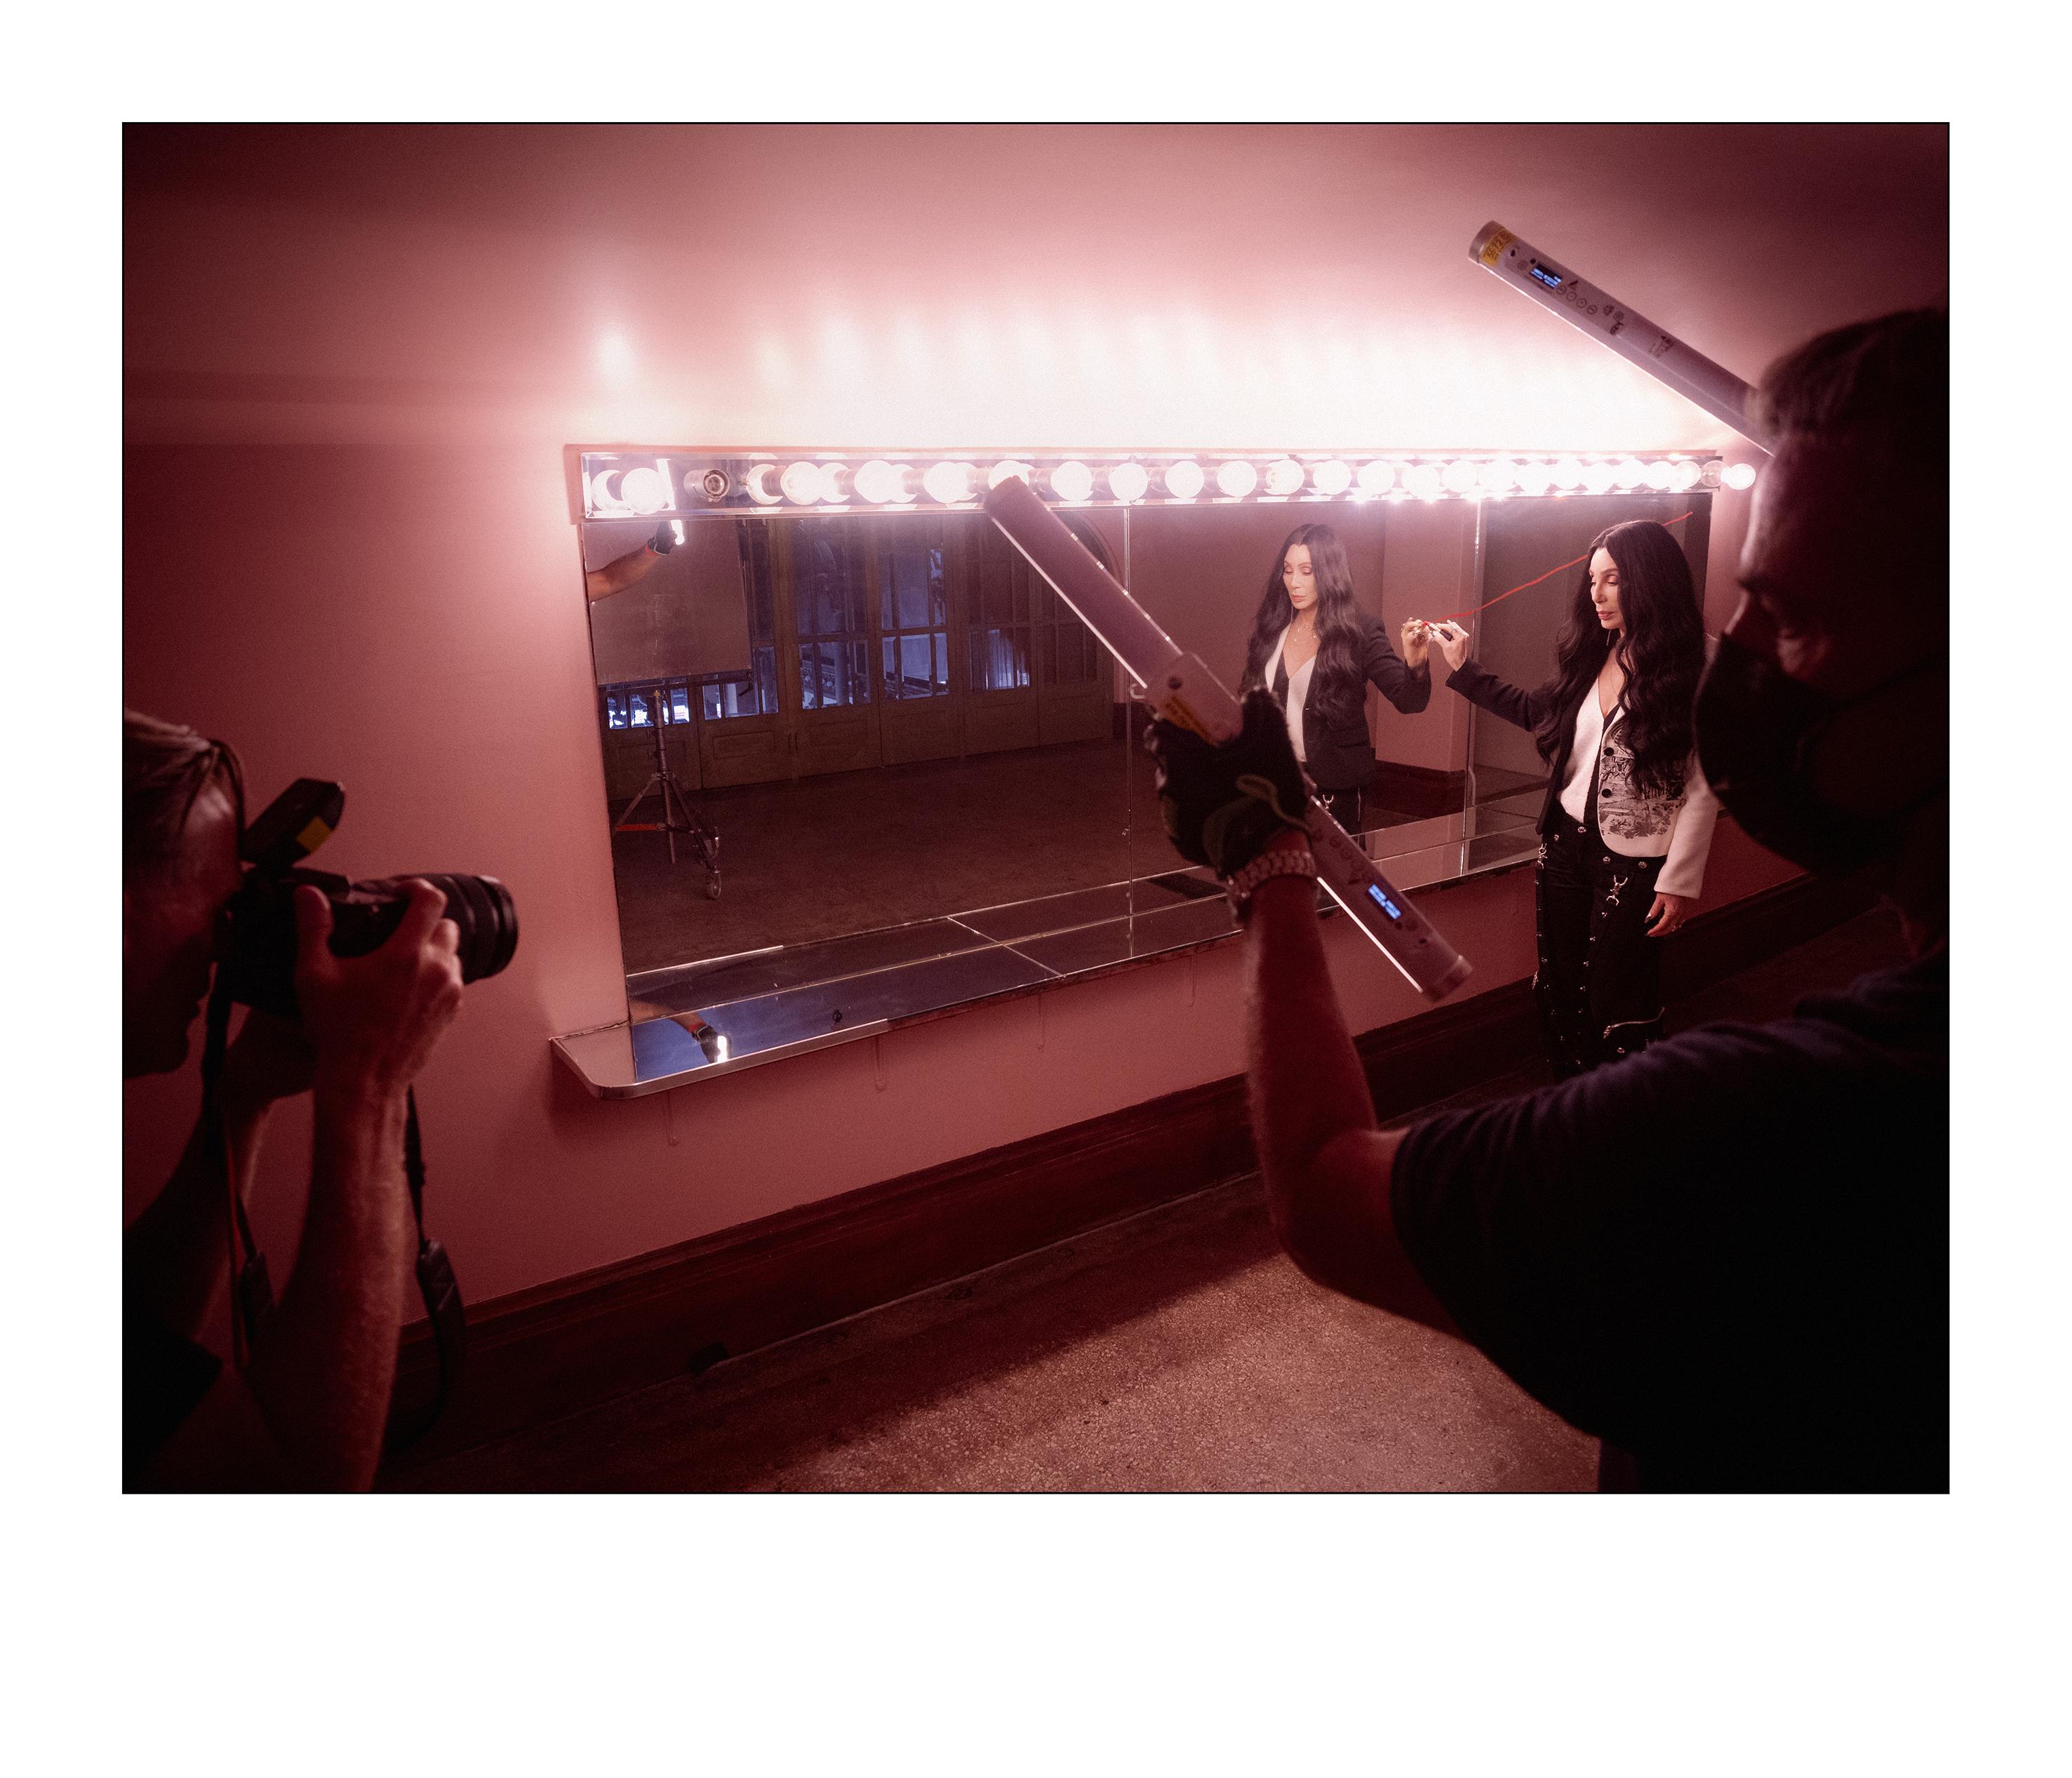 Cher nos bastidores do Calendário Pirelli 2022, de Bryan Adams (Foto Alessandro Scotti)